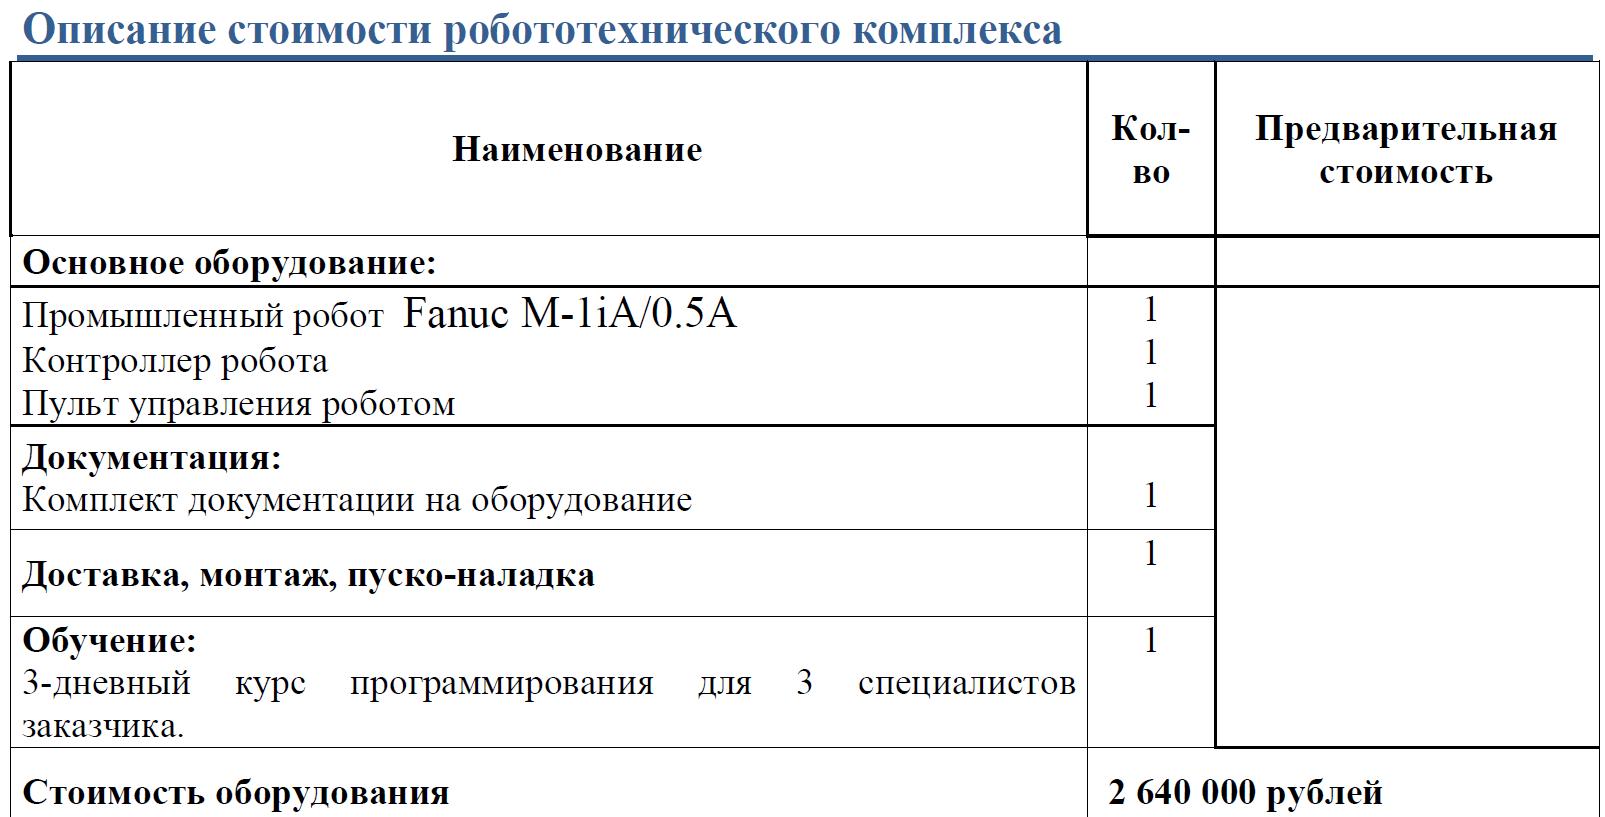 Fanuc M-1iA/0.5A-7